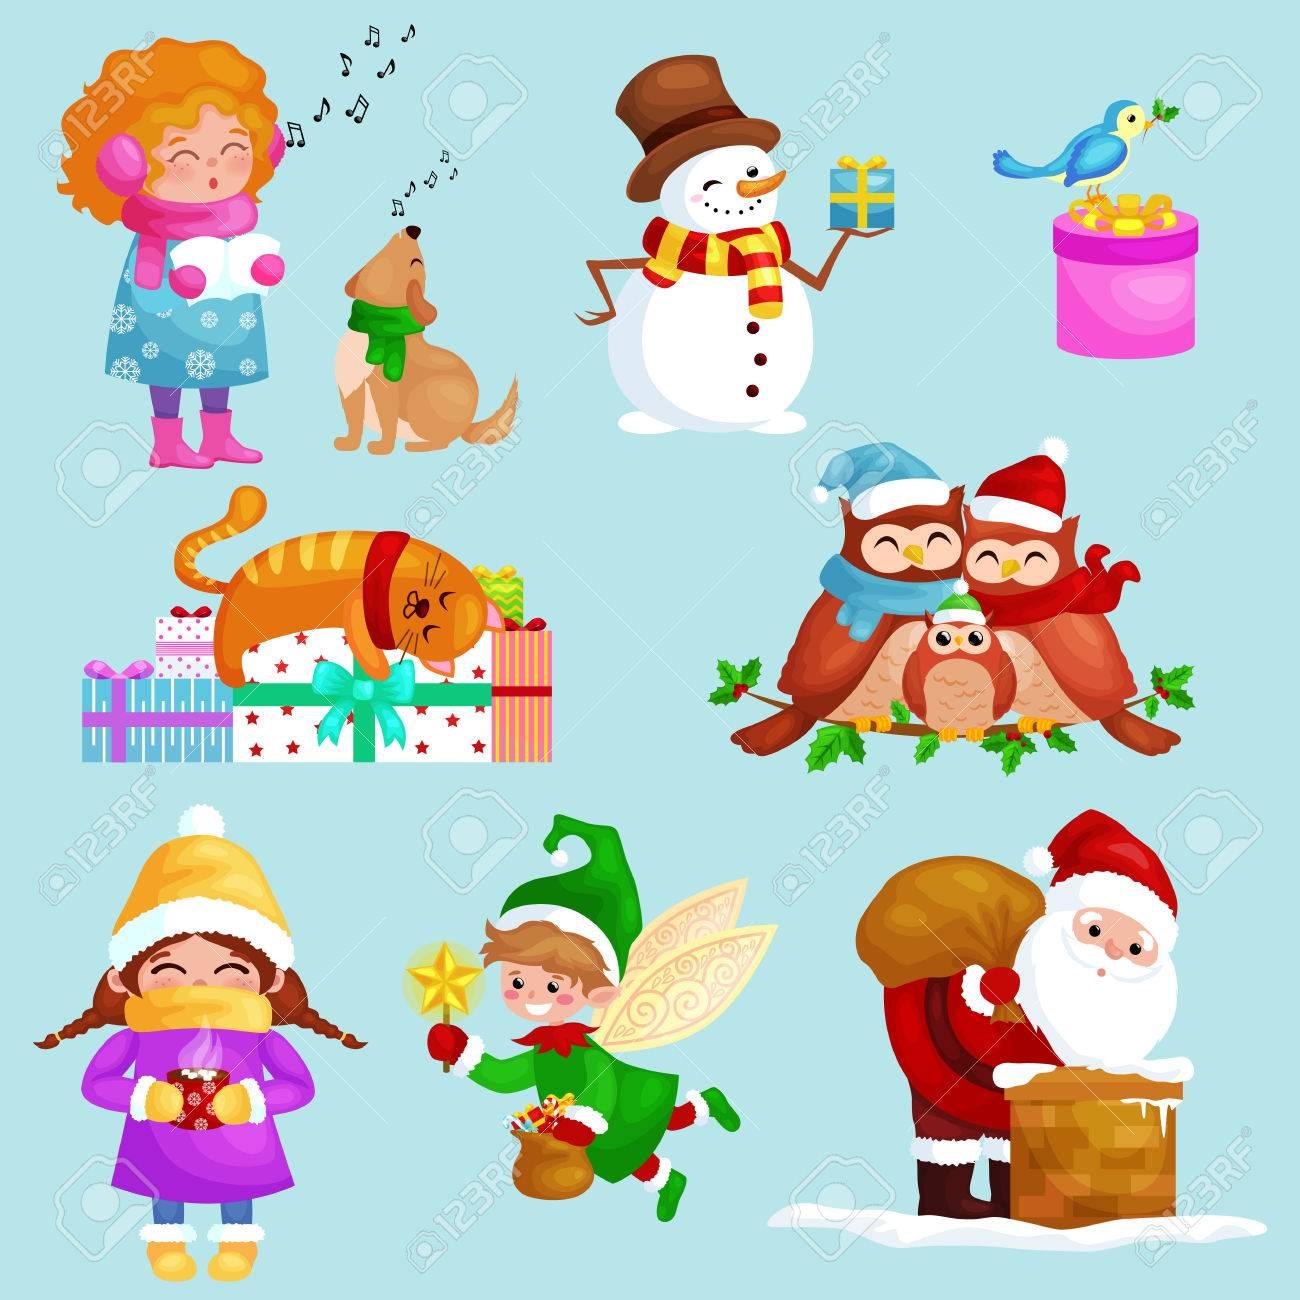 Illustrationen Frohe Weihnachten Frohes Neues Jahr Eingestellt ...